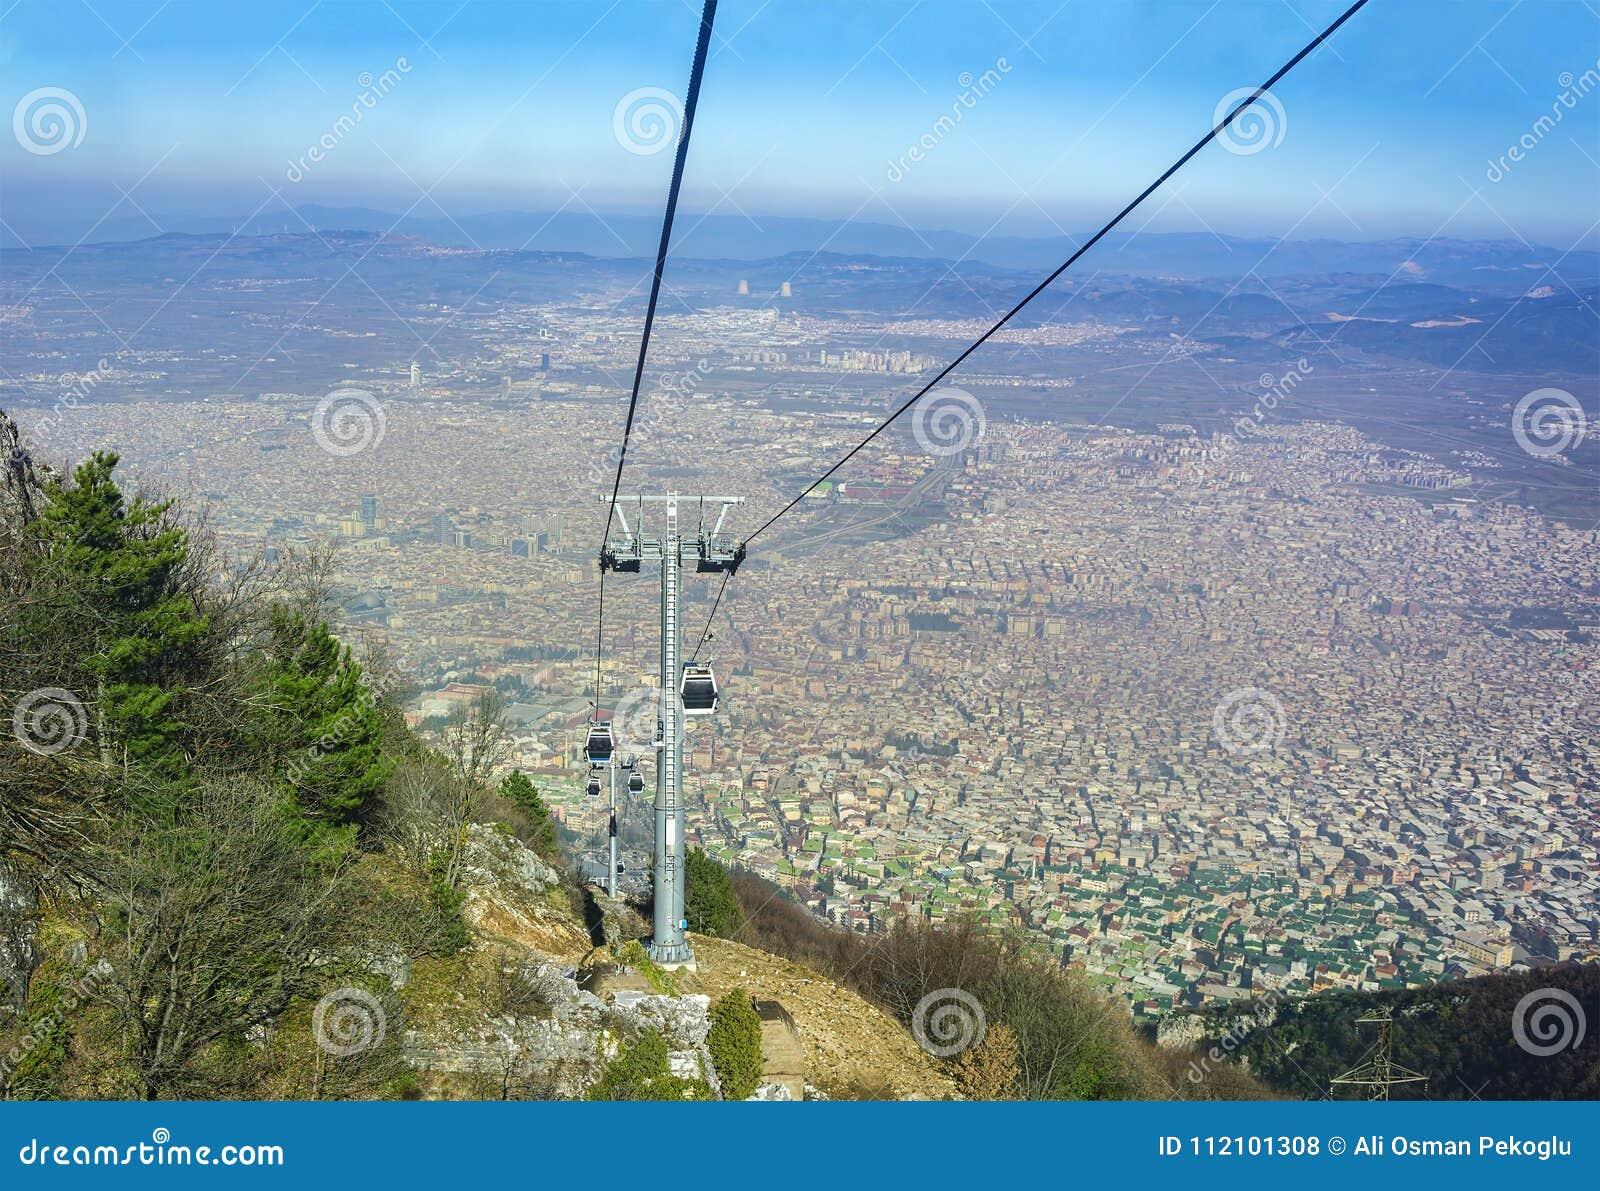 伯萨, Uludag缆车和城市图象 伯萨/土耳其